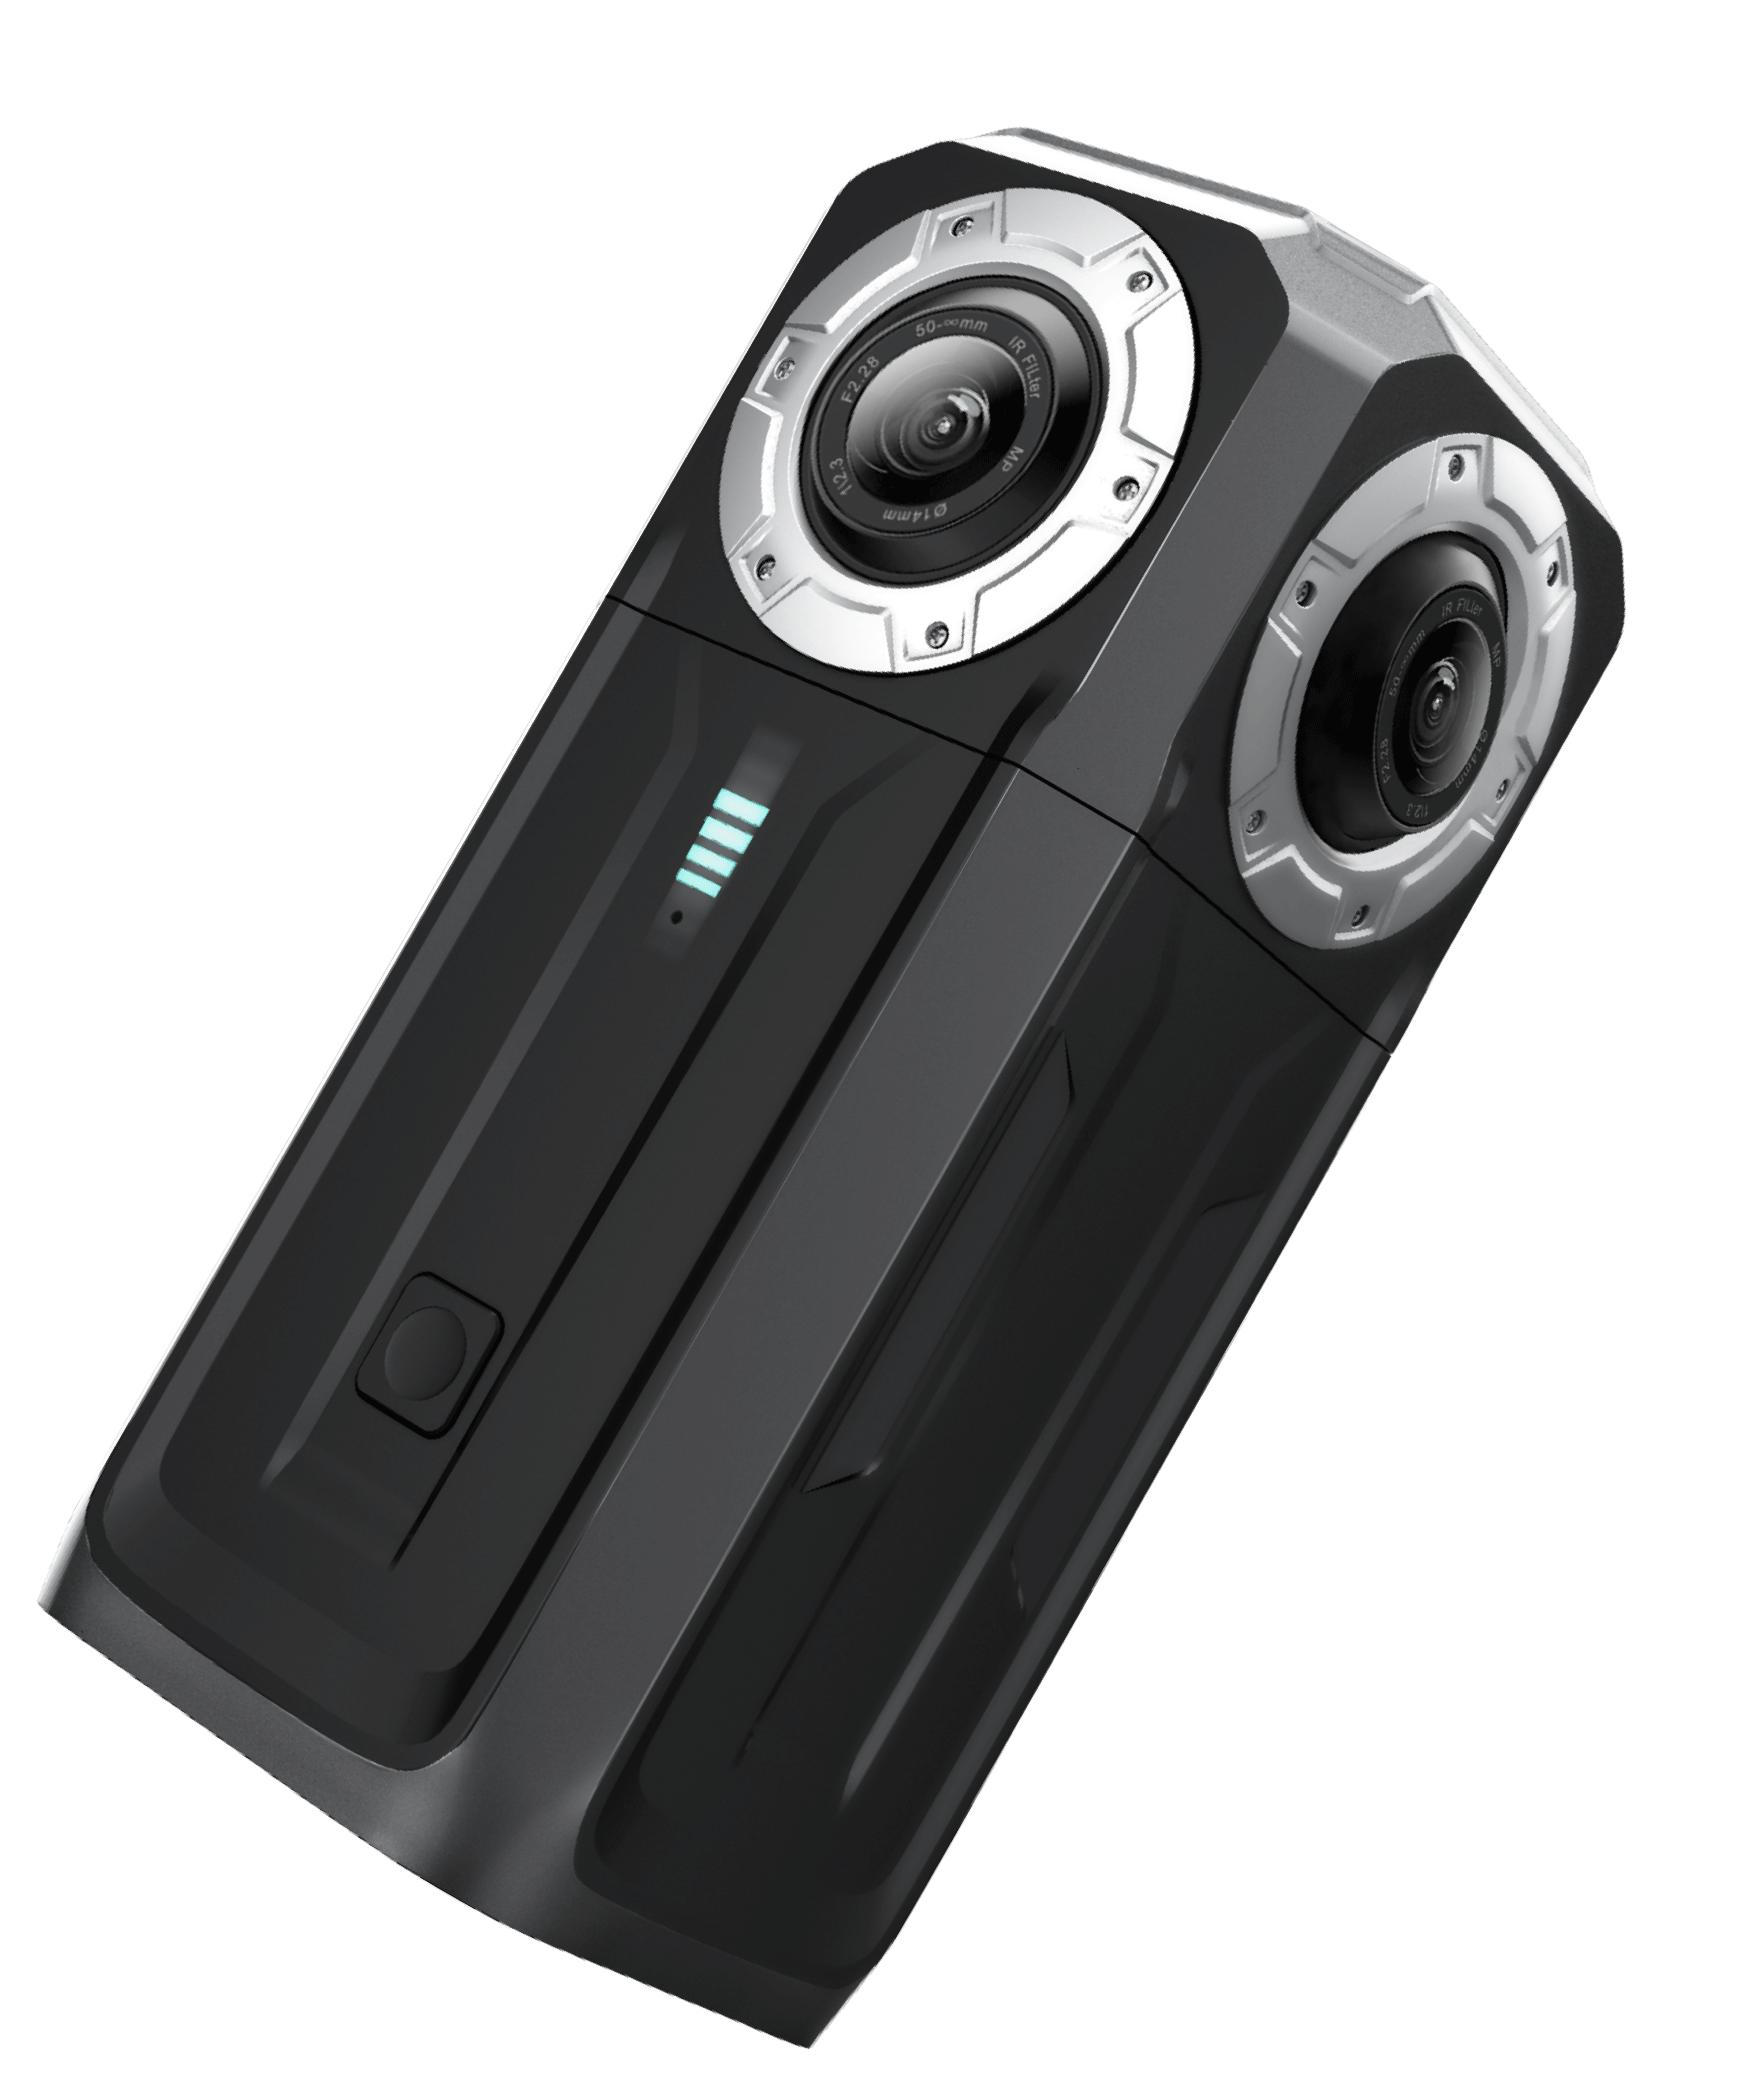 真正的三防全景直播相机